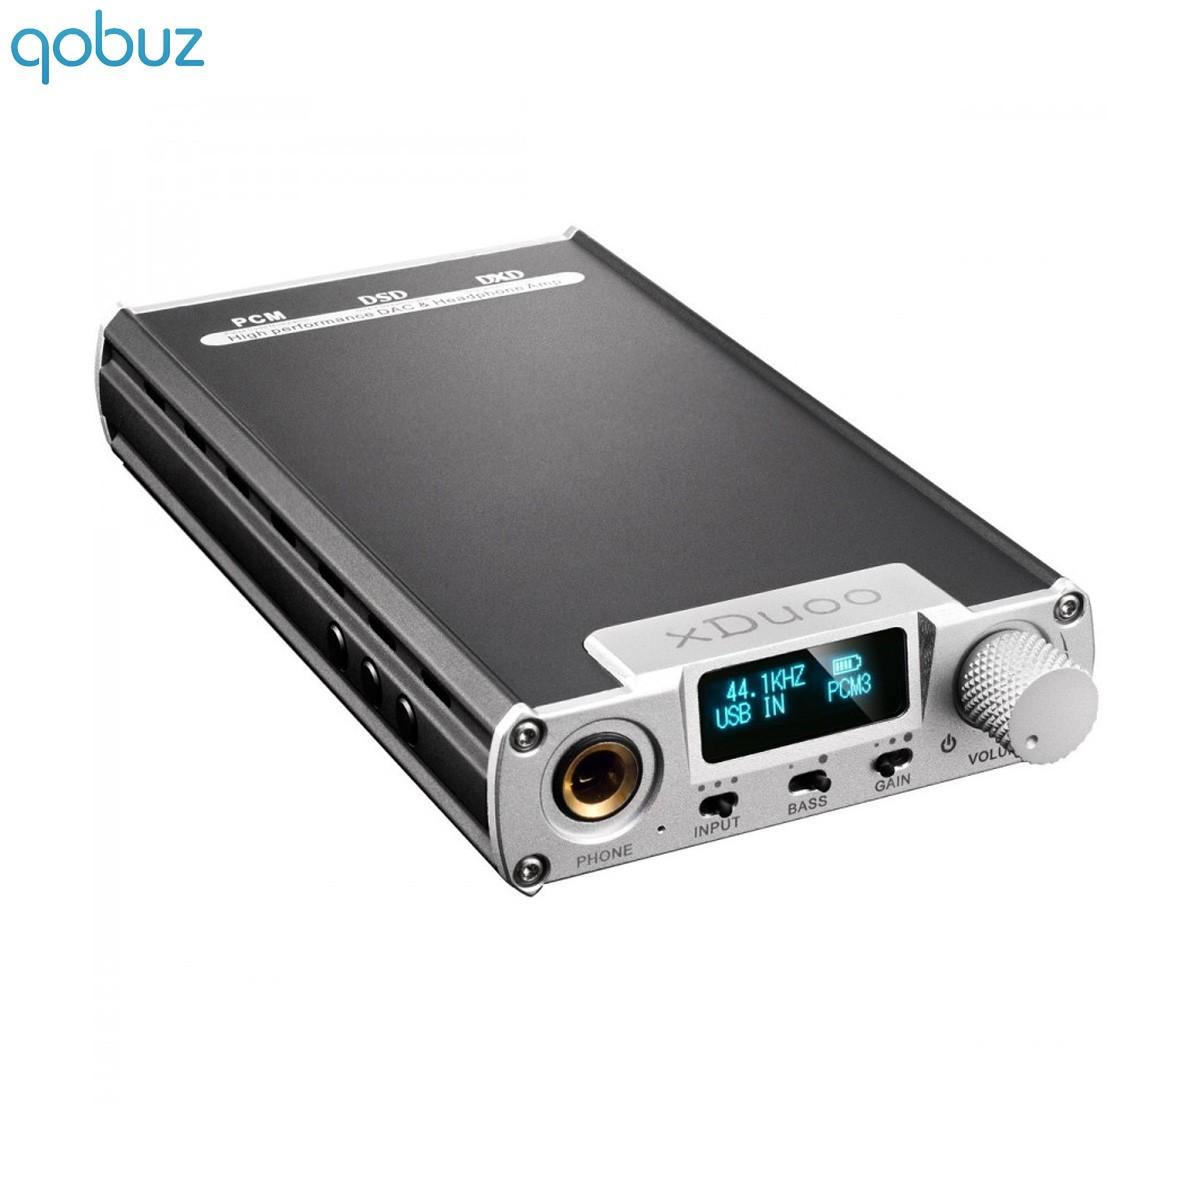 XDUOO XD-05 Ampli Casque / DAC 32Bit AK4490 Android iOS DSD sur batterie Argent